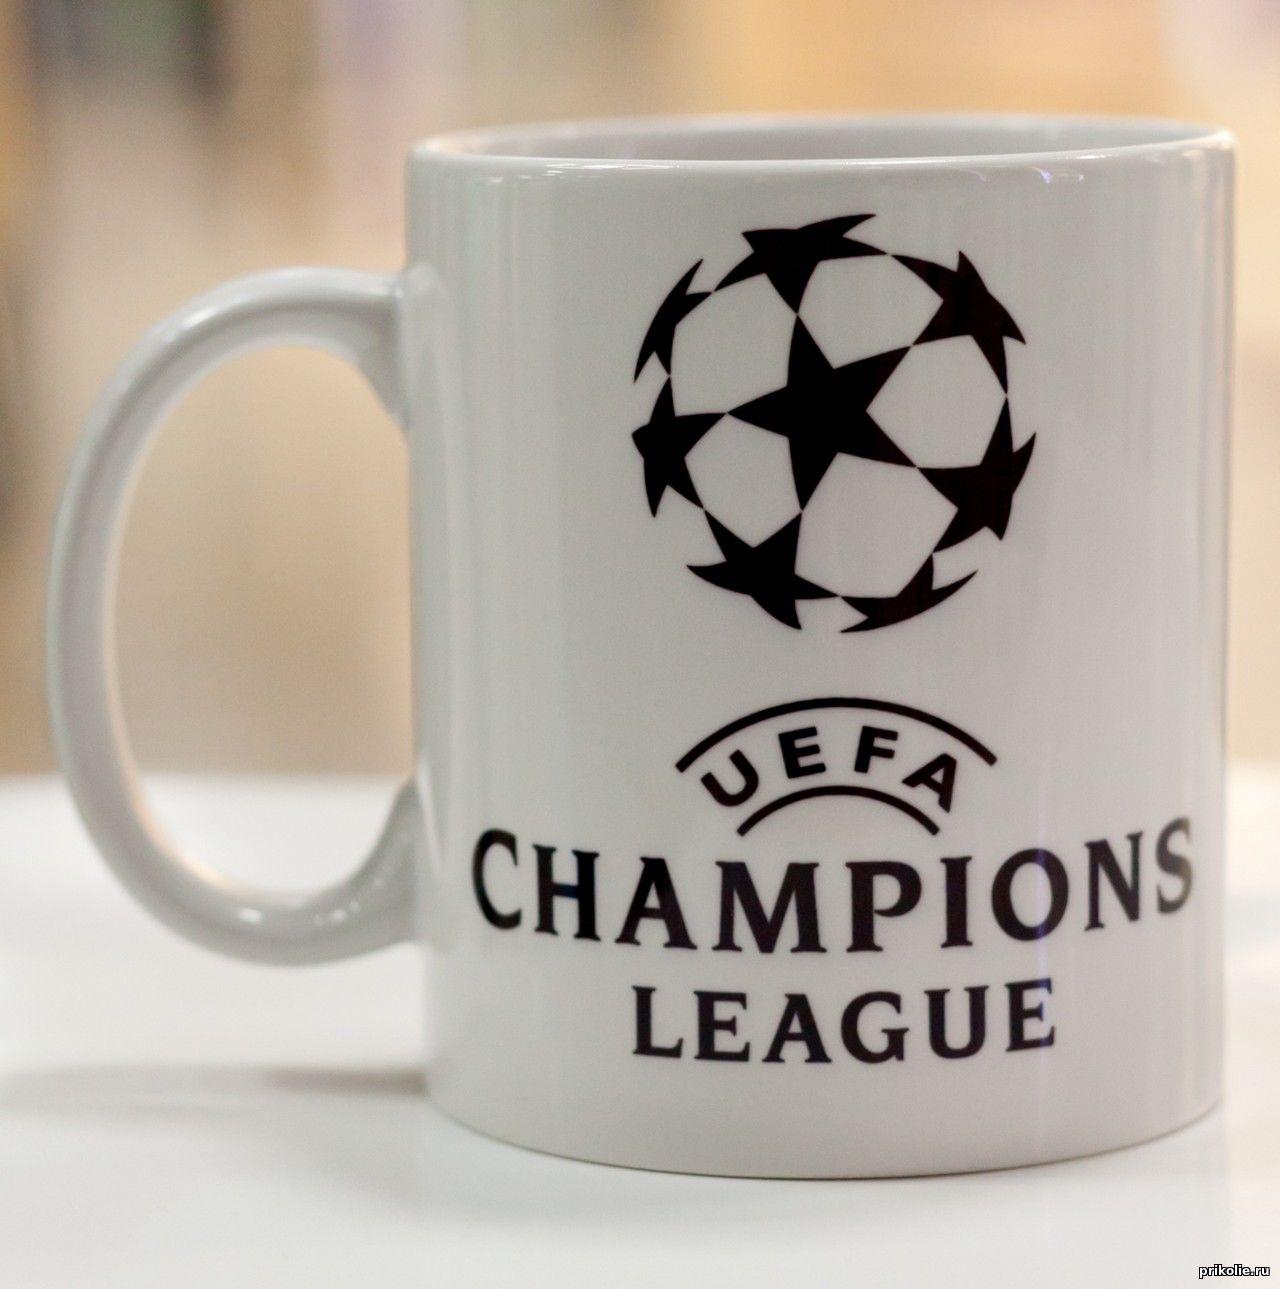 Кружка с эмблемой Лиги Чемпионов; сделать в Новороссийске, доставка почтой по РФ